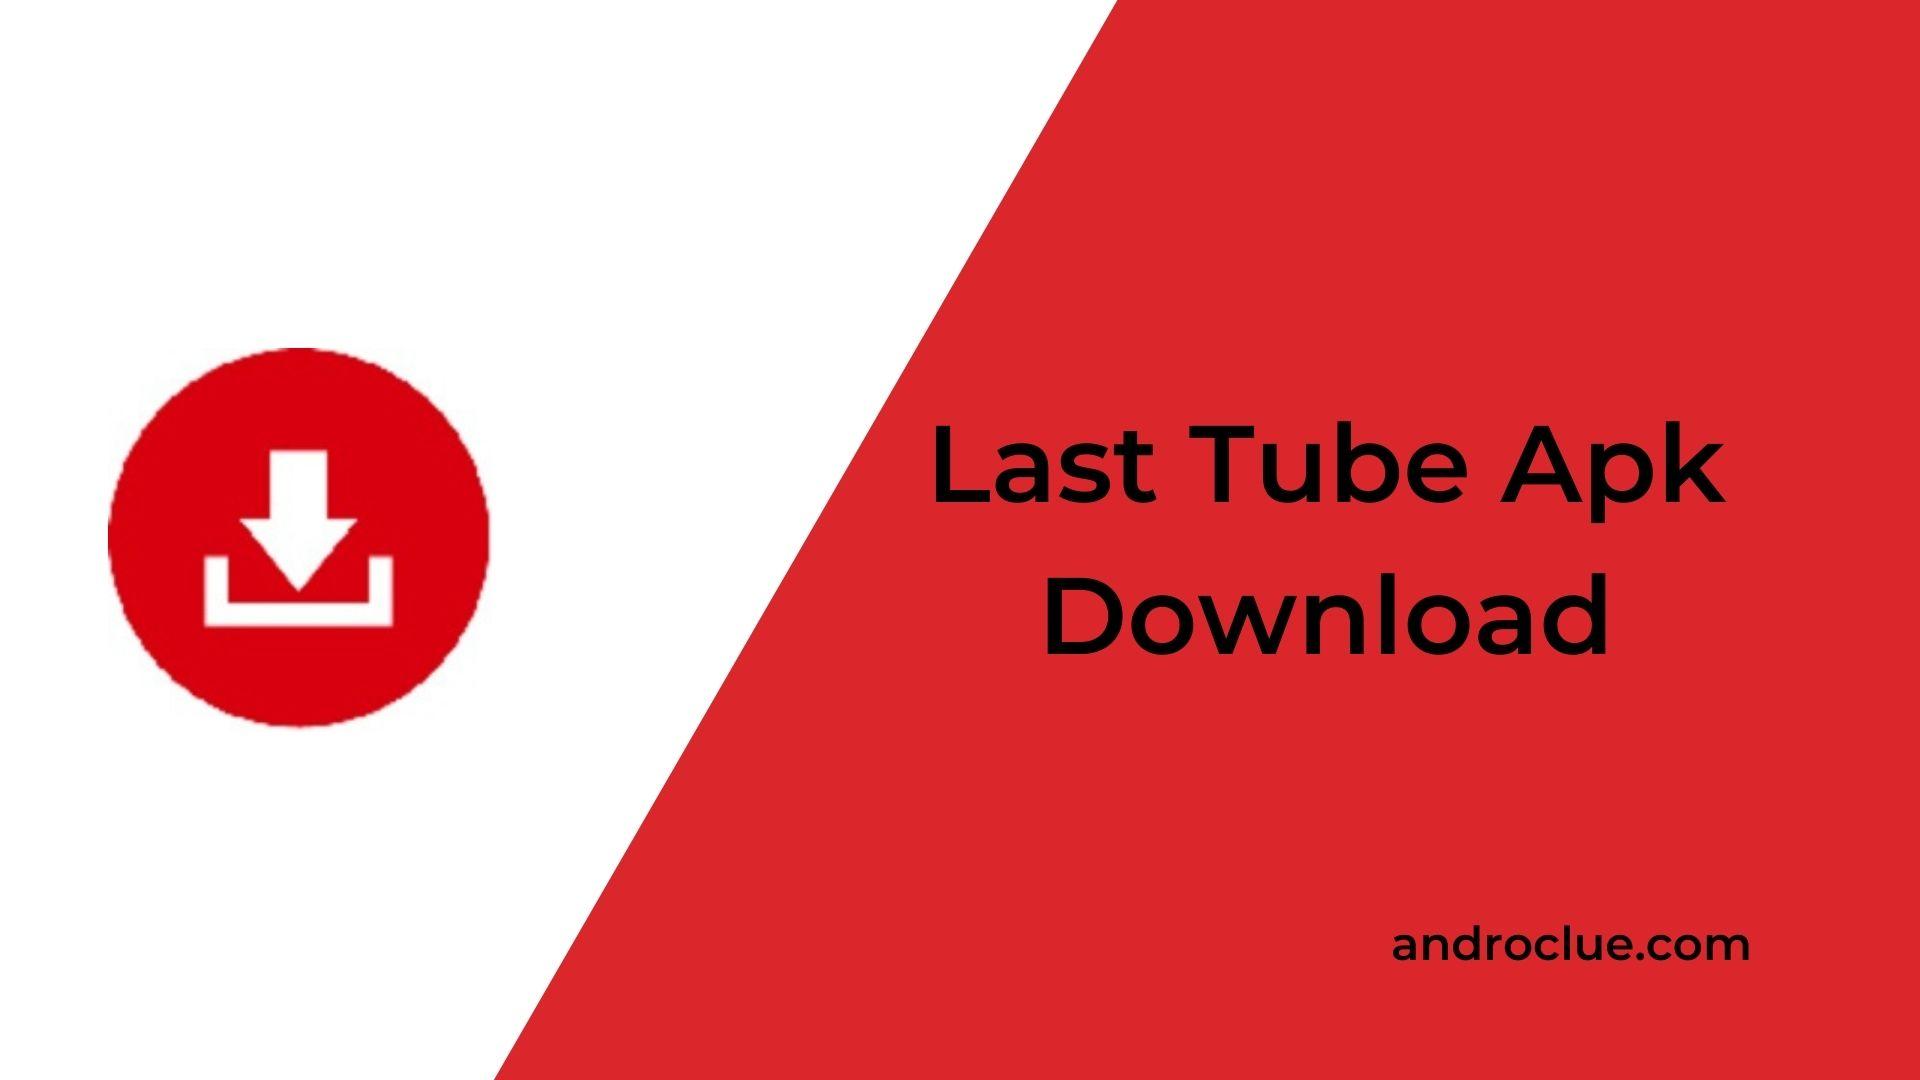 Last Tube Apk